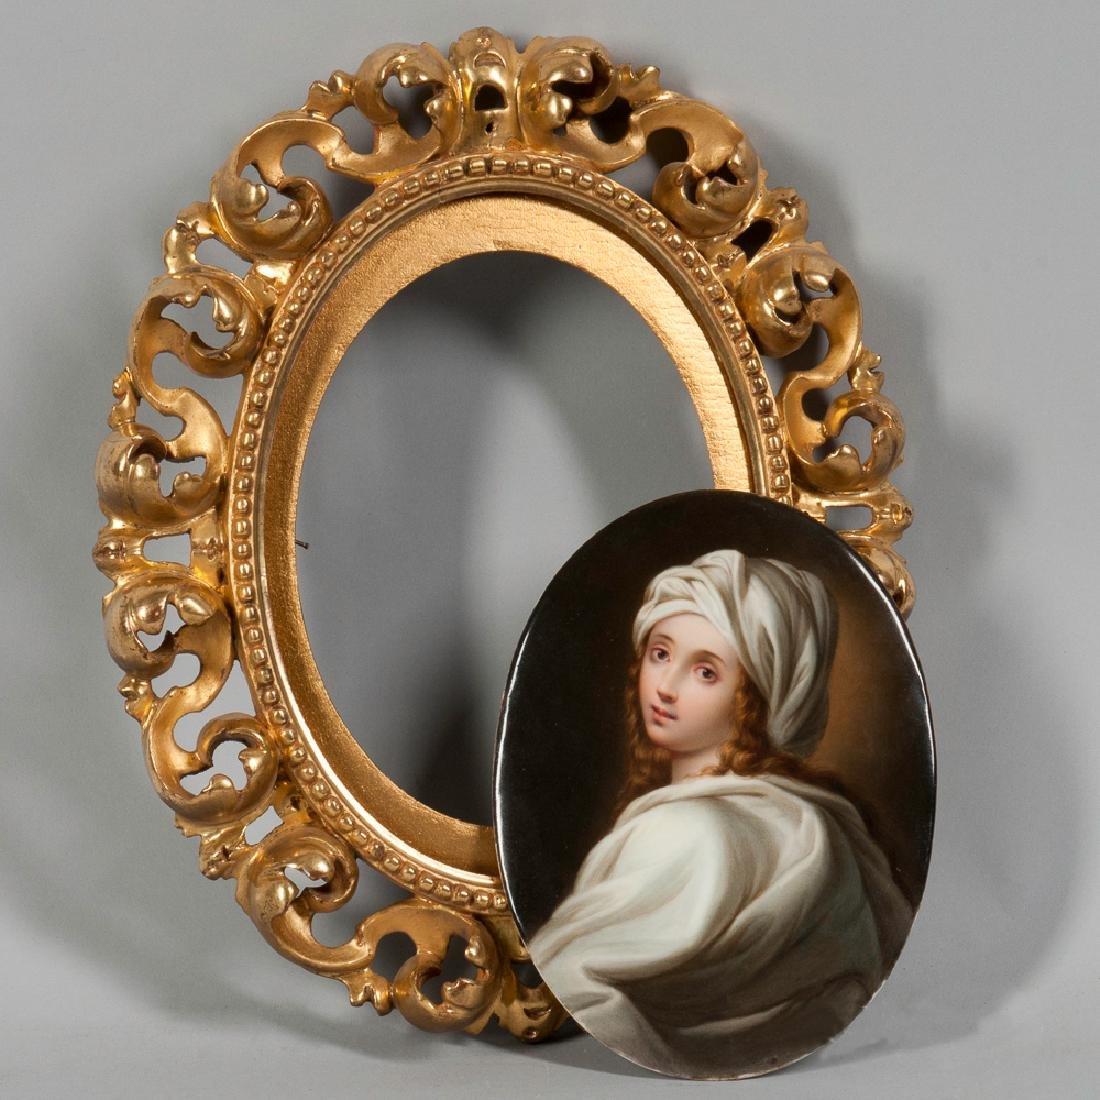 KPM Oval Porcelain Portrait Plaque